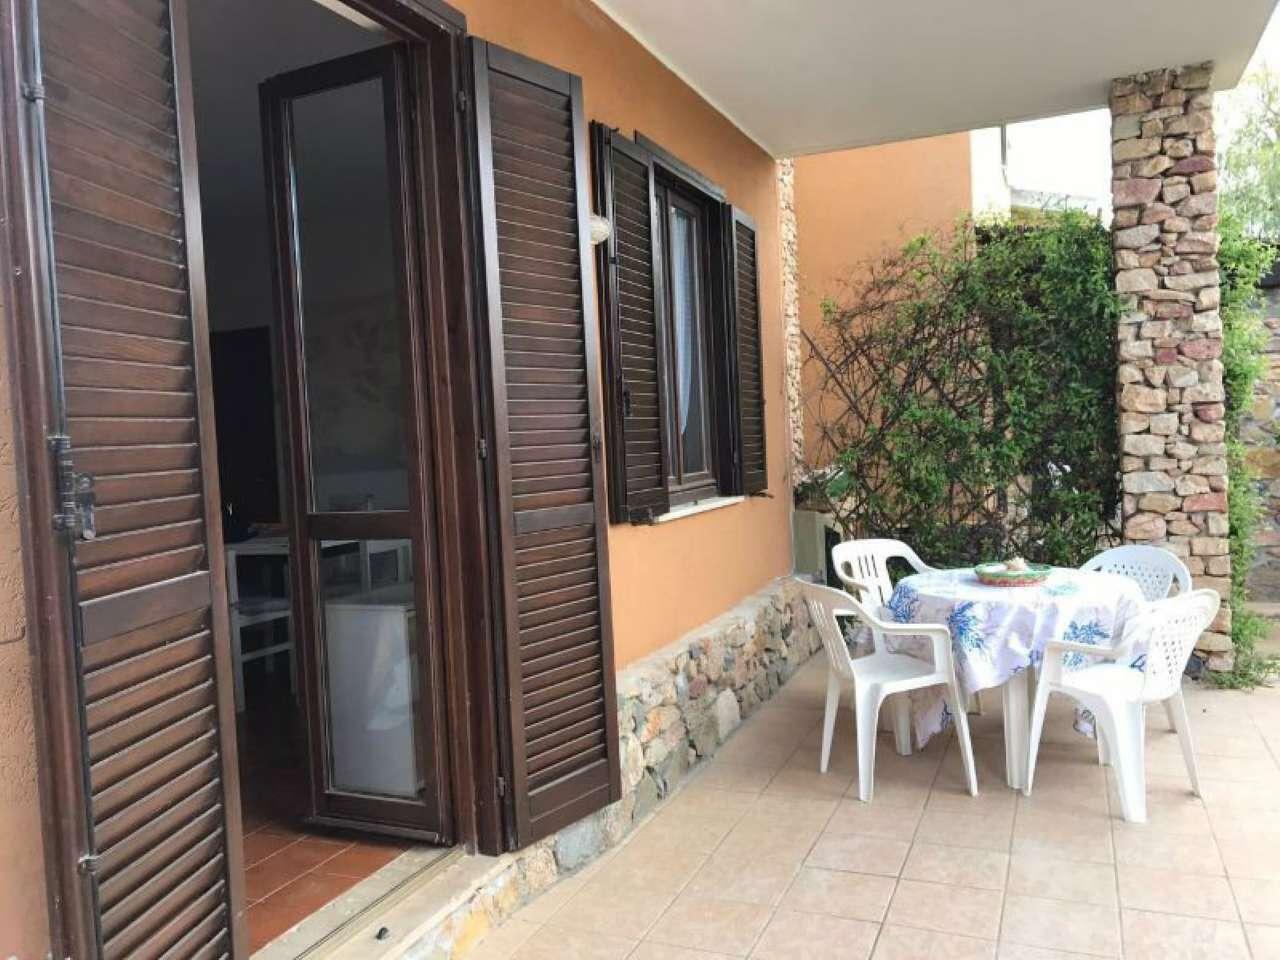 Case e appartamenti in vendita a villasimius for Villasimius appartamenti